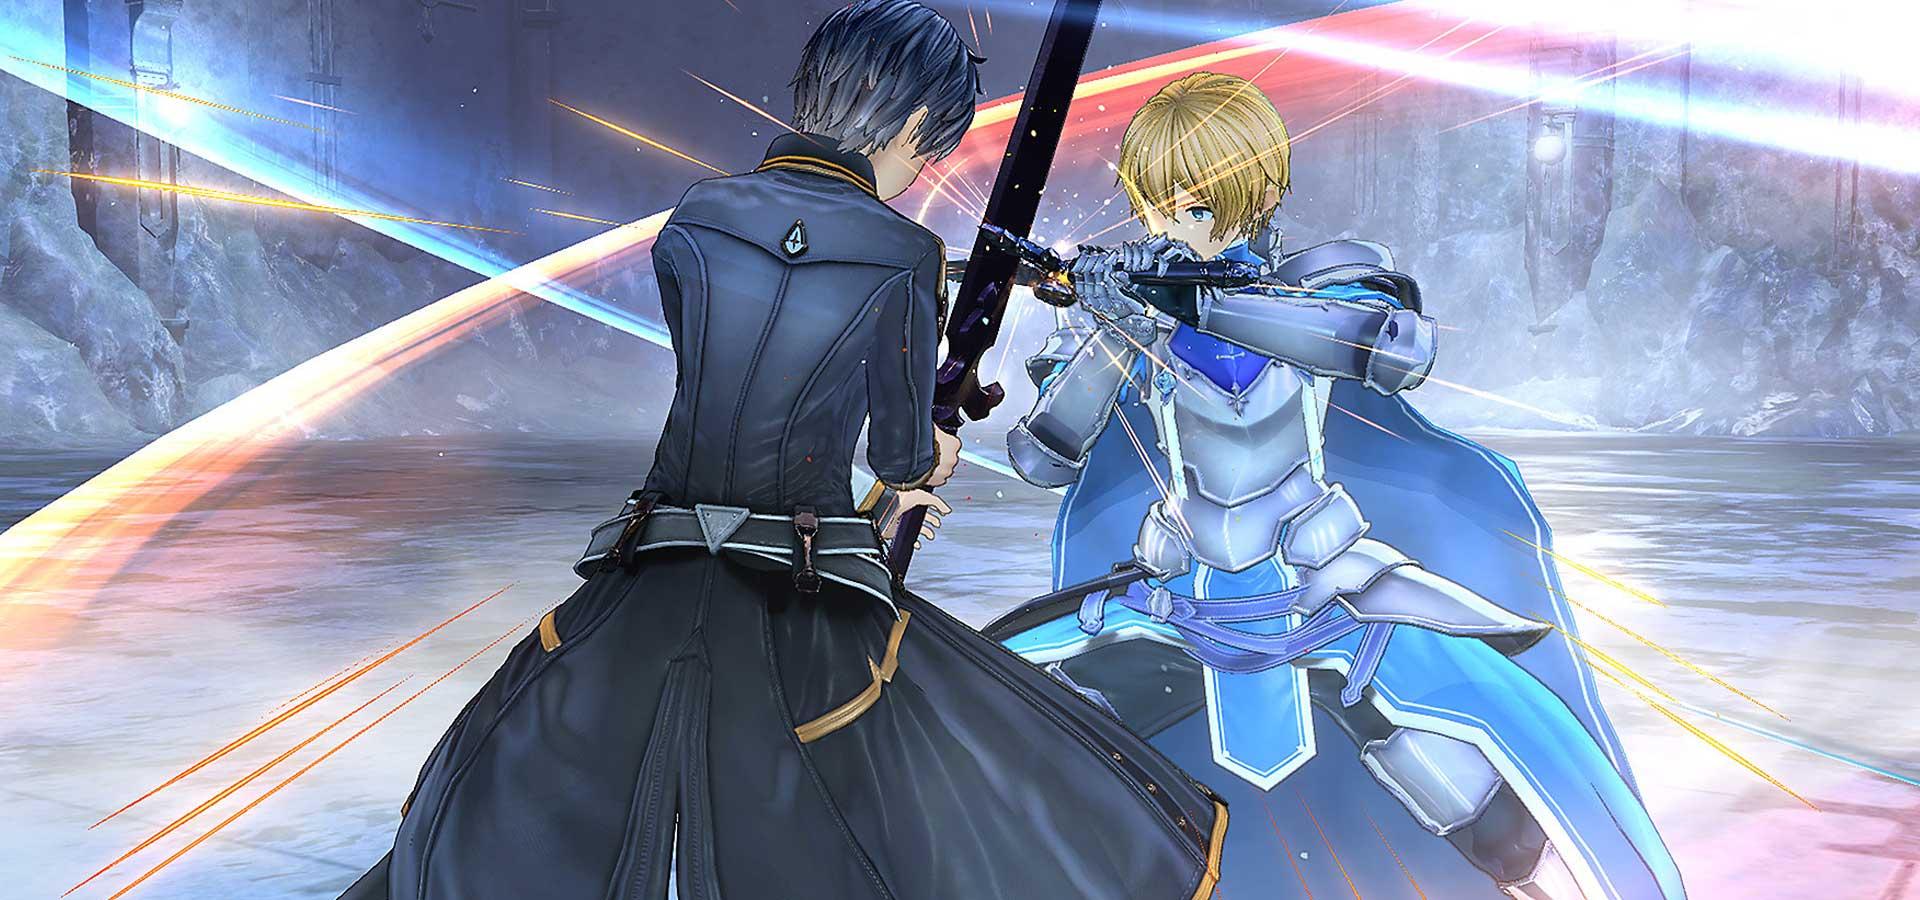 Le jeu Sword Art Online : Alicization Lycoris enfin disponible